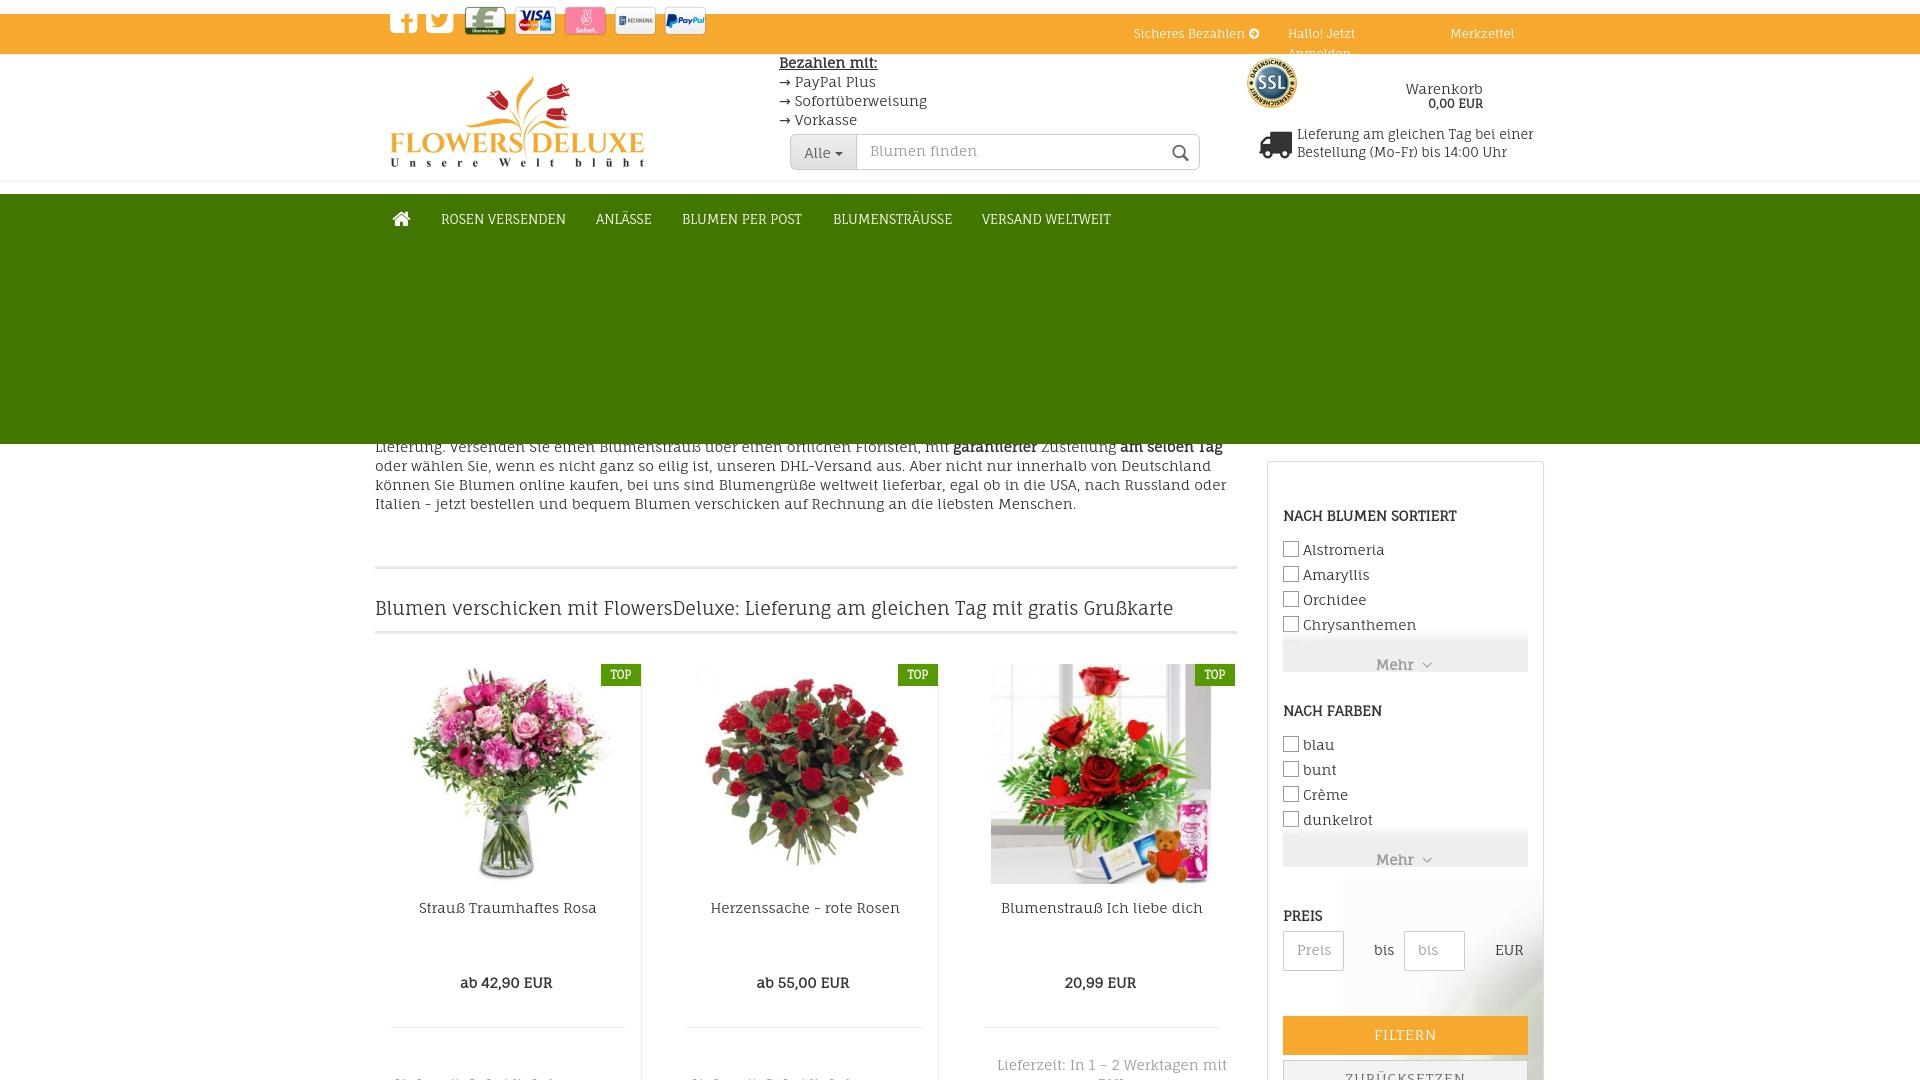 Geld zurück bei Flowers-deluxe: Jetzt im April 2021 Cashback für Flowers-deluxe sichern